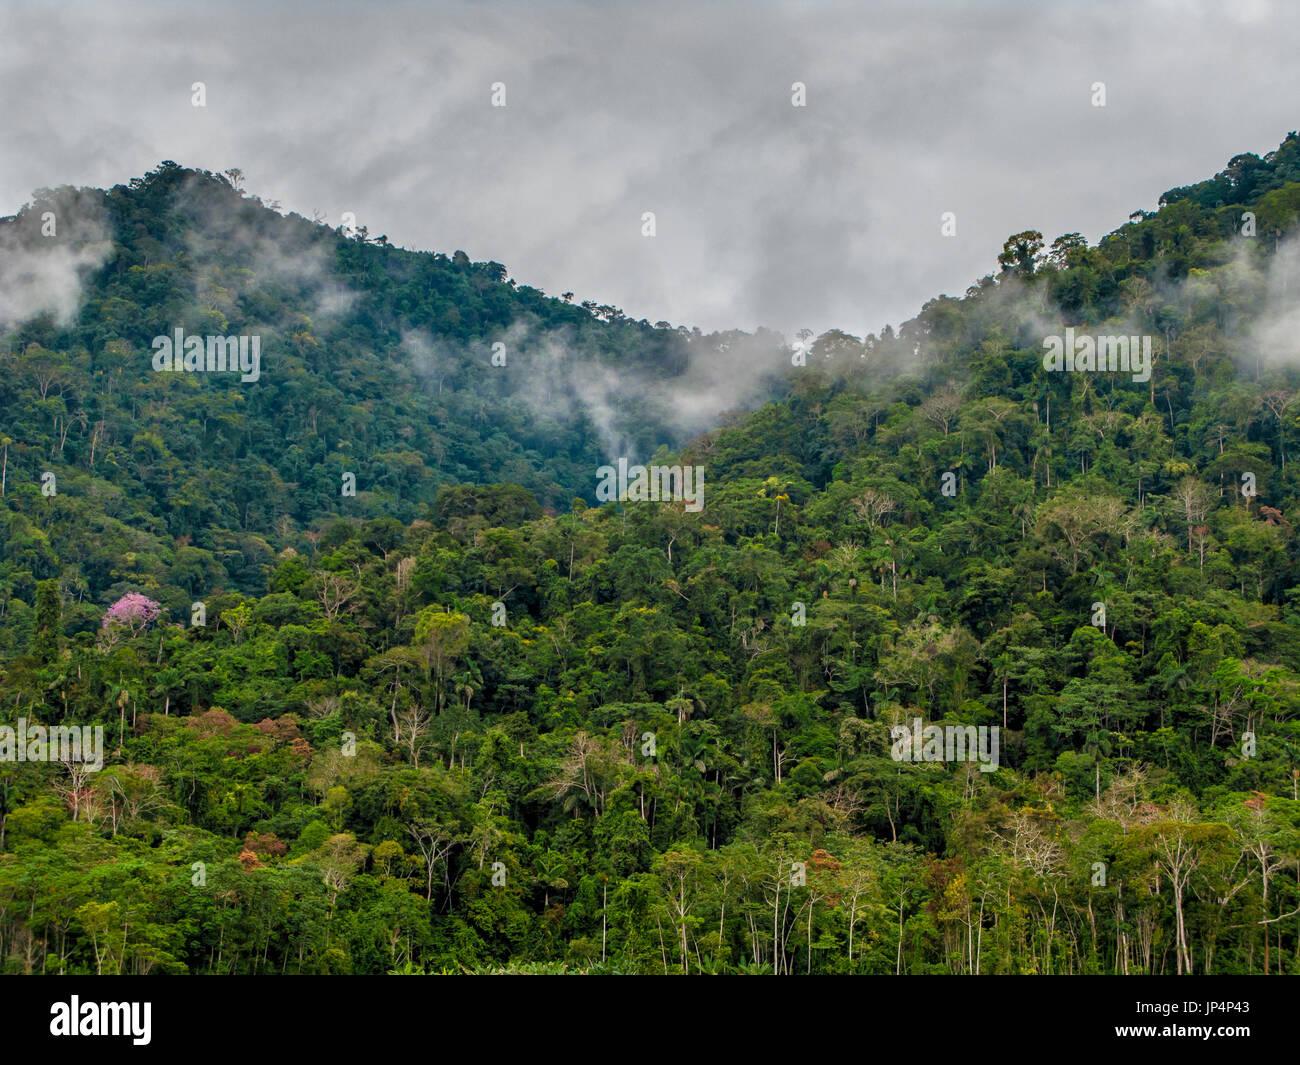 Rain forest in Manu National Park, Peru - Stock Image